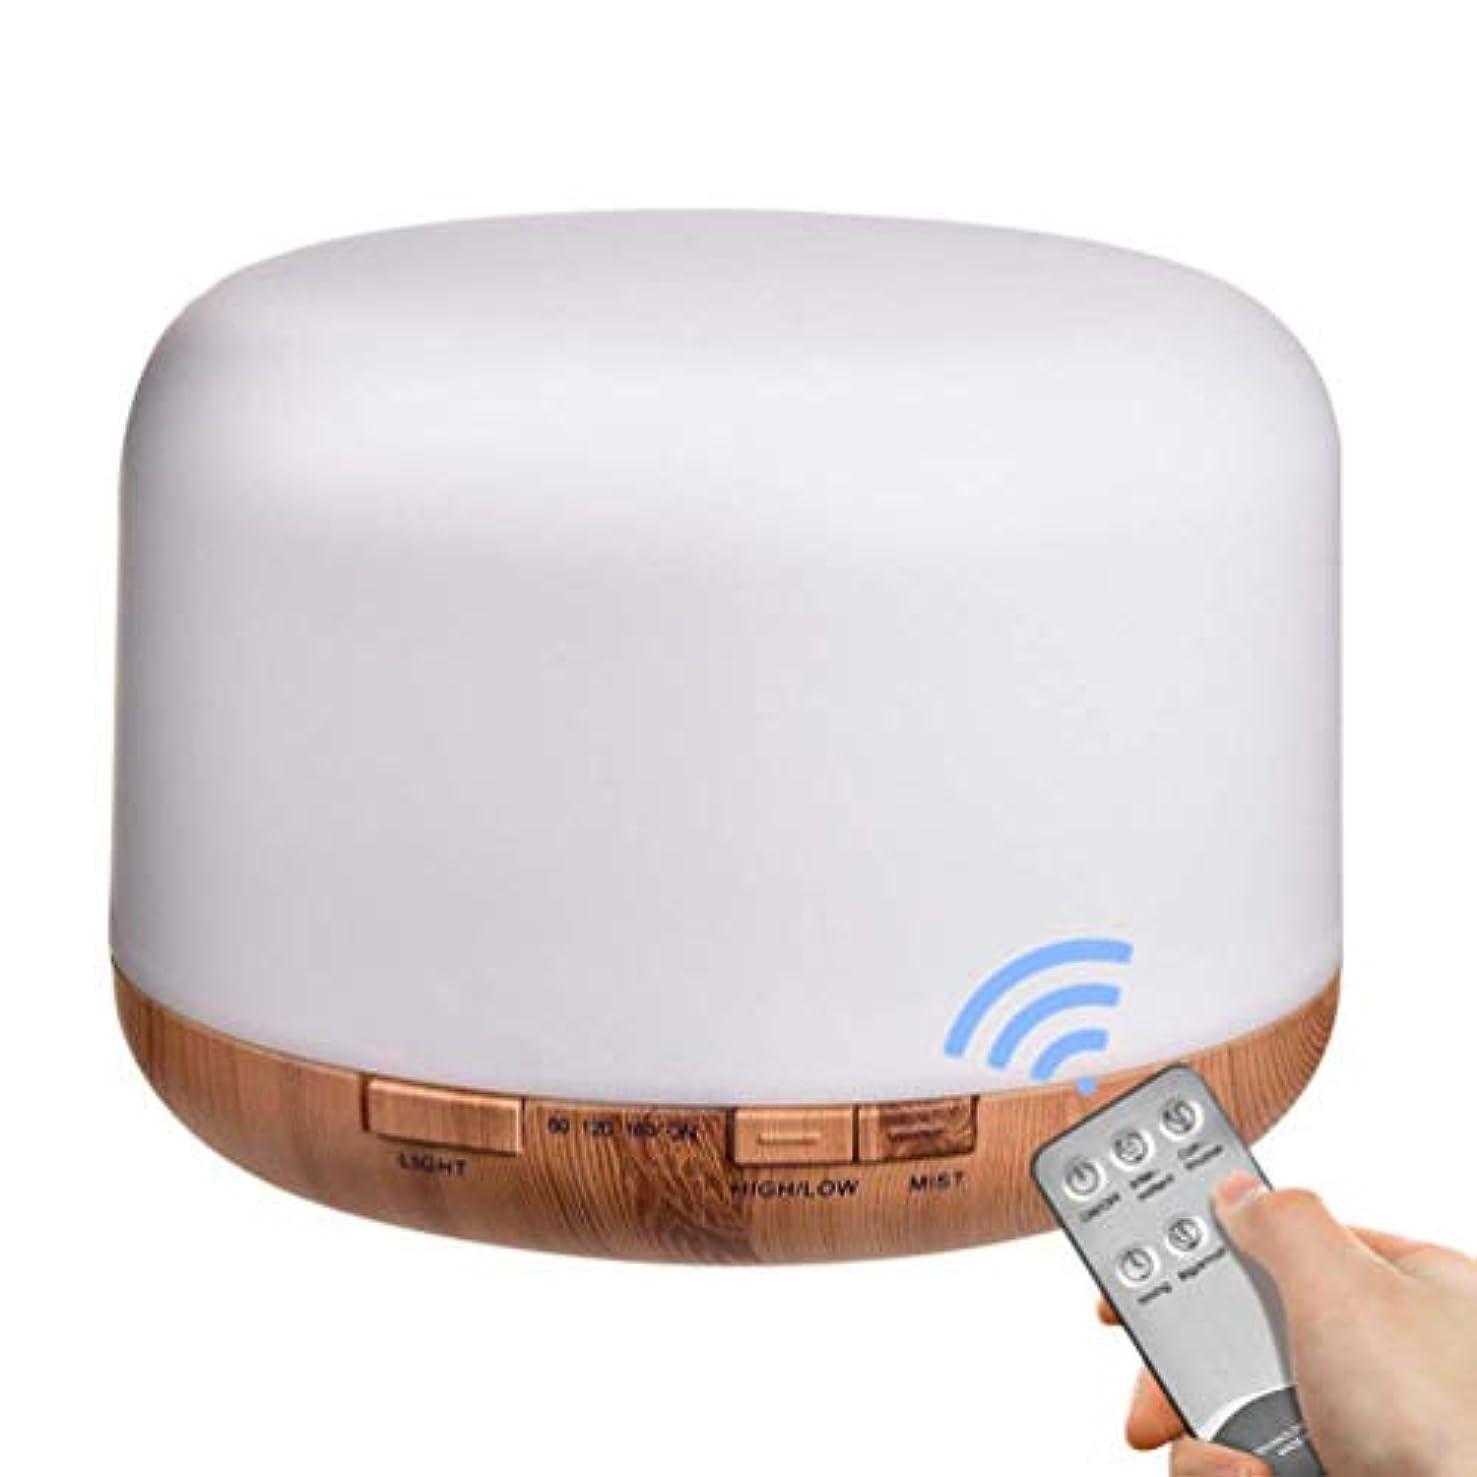 健全ピア論理的にHealifty 1000ml Essential Oil Diffuser Remote Control Humidifier Spray Aromatherapy Humidifier with JP Plug